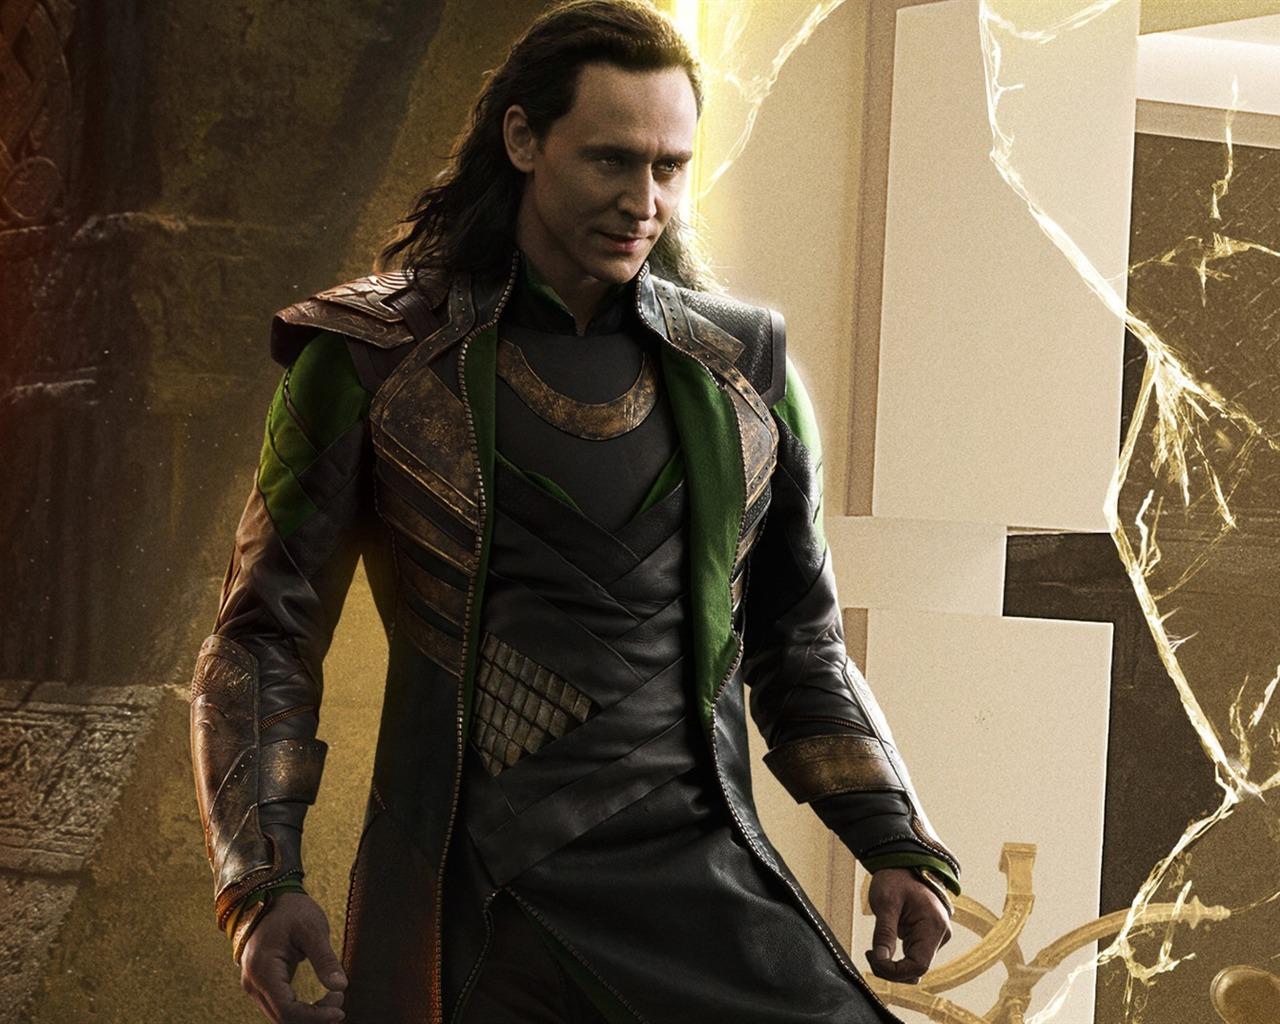 雷神2 hd高清_Thor:The Dark World 雷神2:黑暗世界电影高清壁纸预览 | 10wallpaper.com